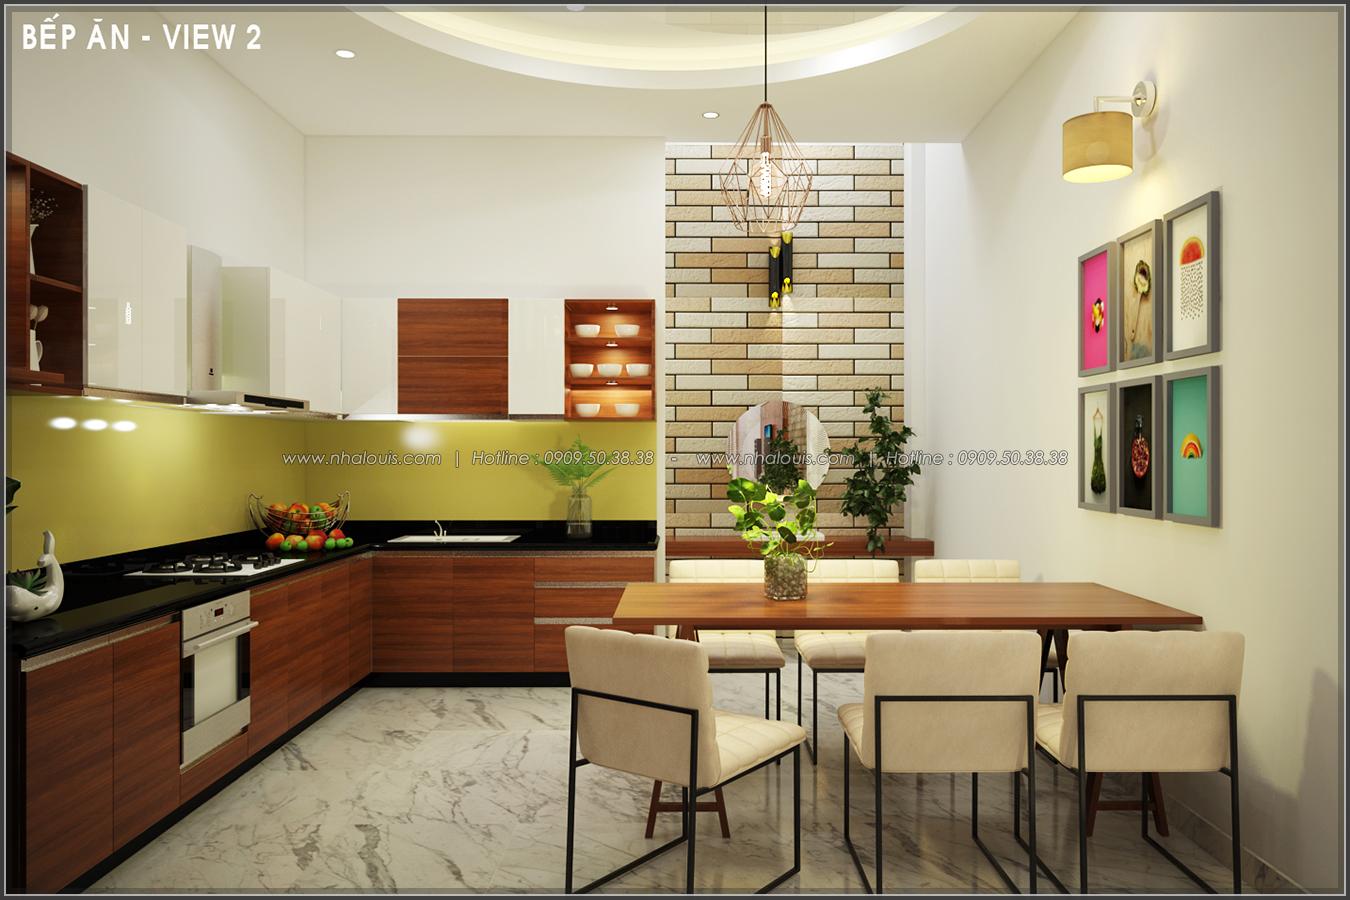 Thiết kế nội thất nhà ống đẹp tone gỗ ấm áp và sang trọng quận Tân Bình - 6